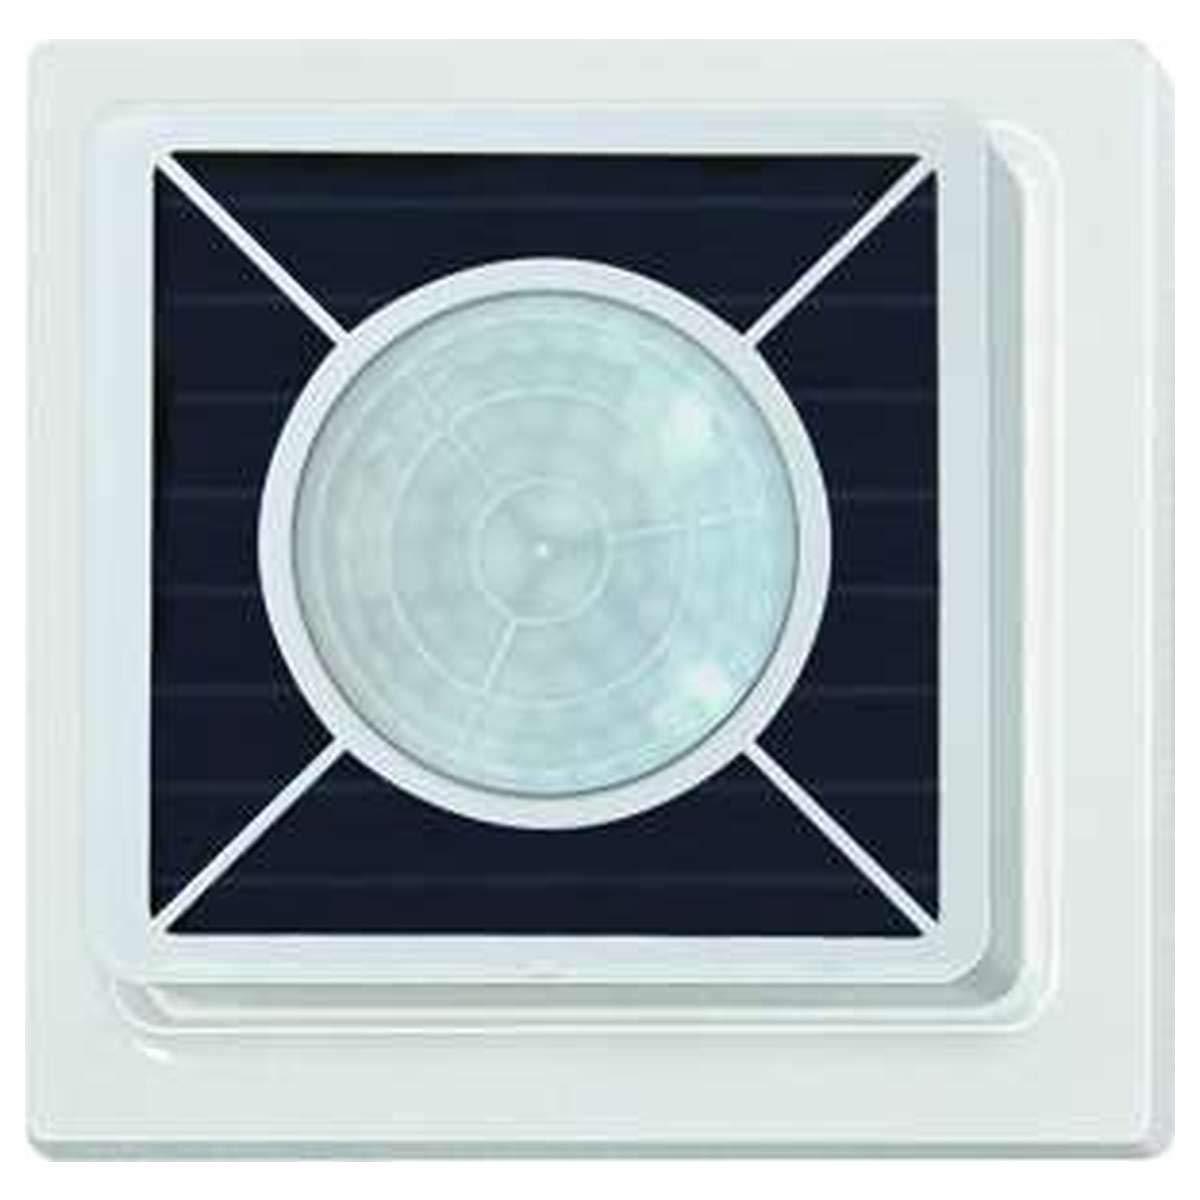 Eltako fbh65s-wg - Sensor Movimiento Exterior Blanco Solar: Amazon.es: Bricolaje y herramientas